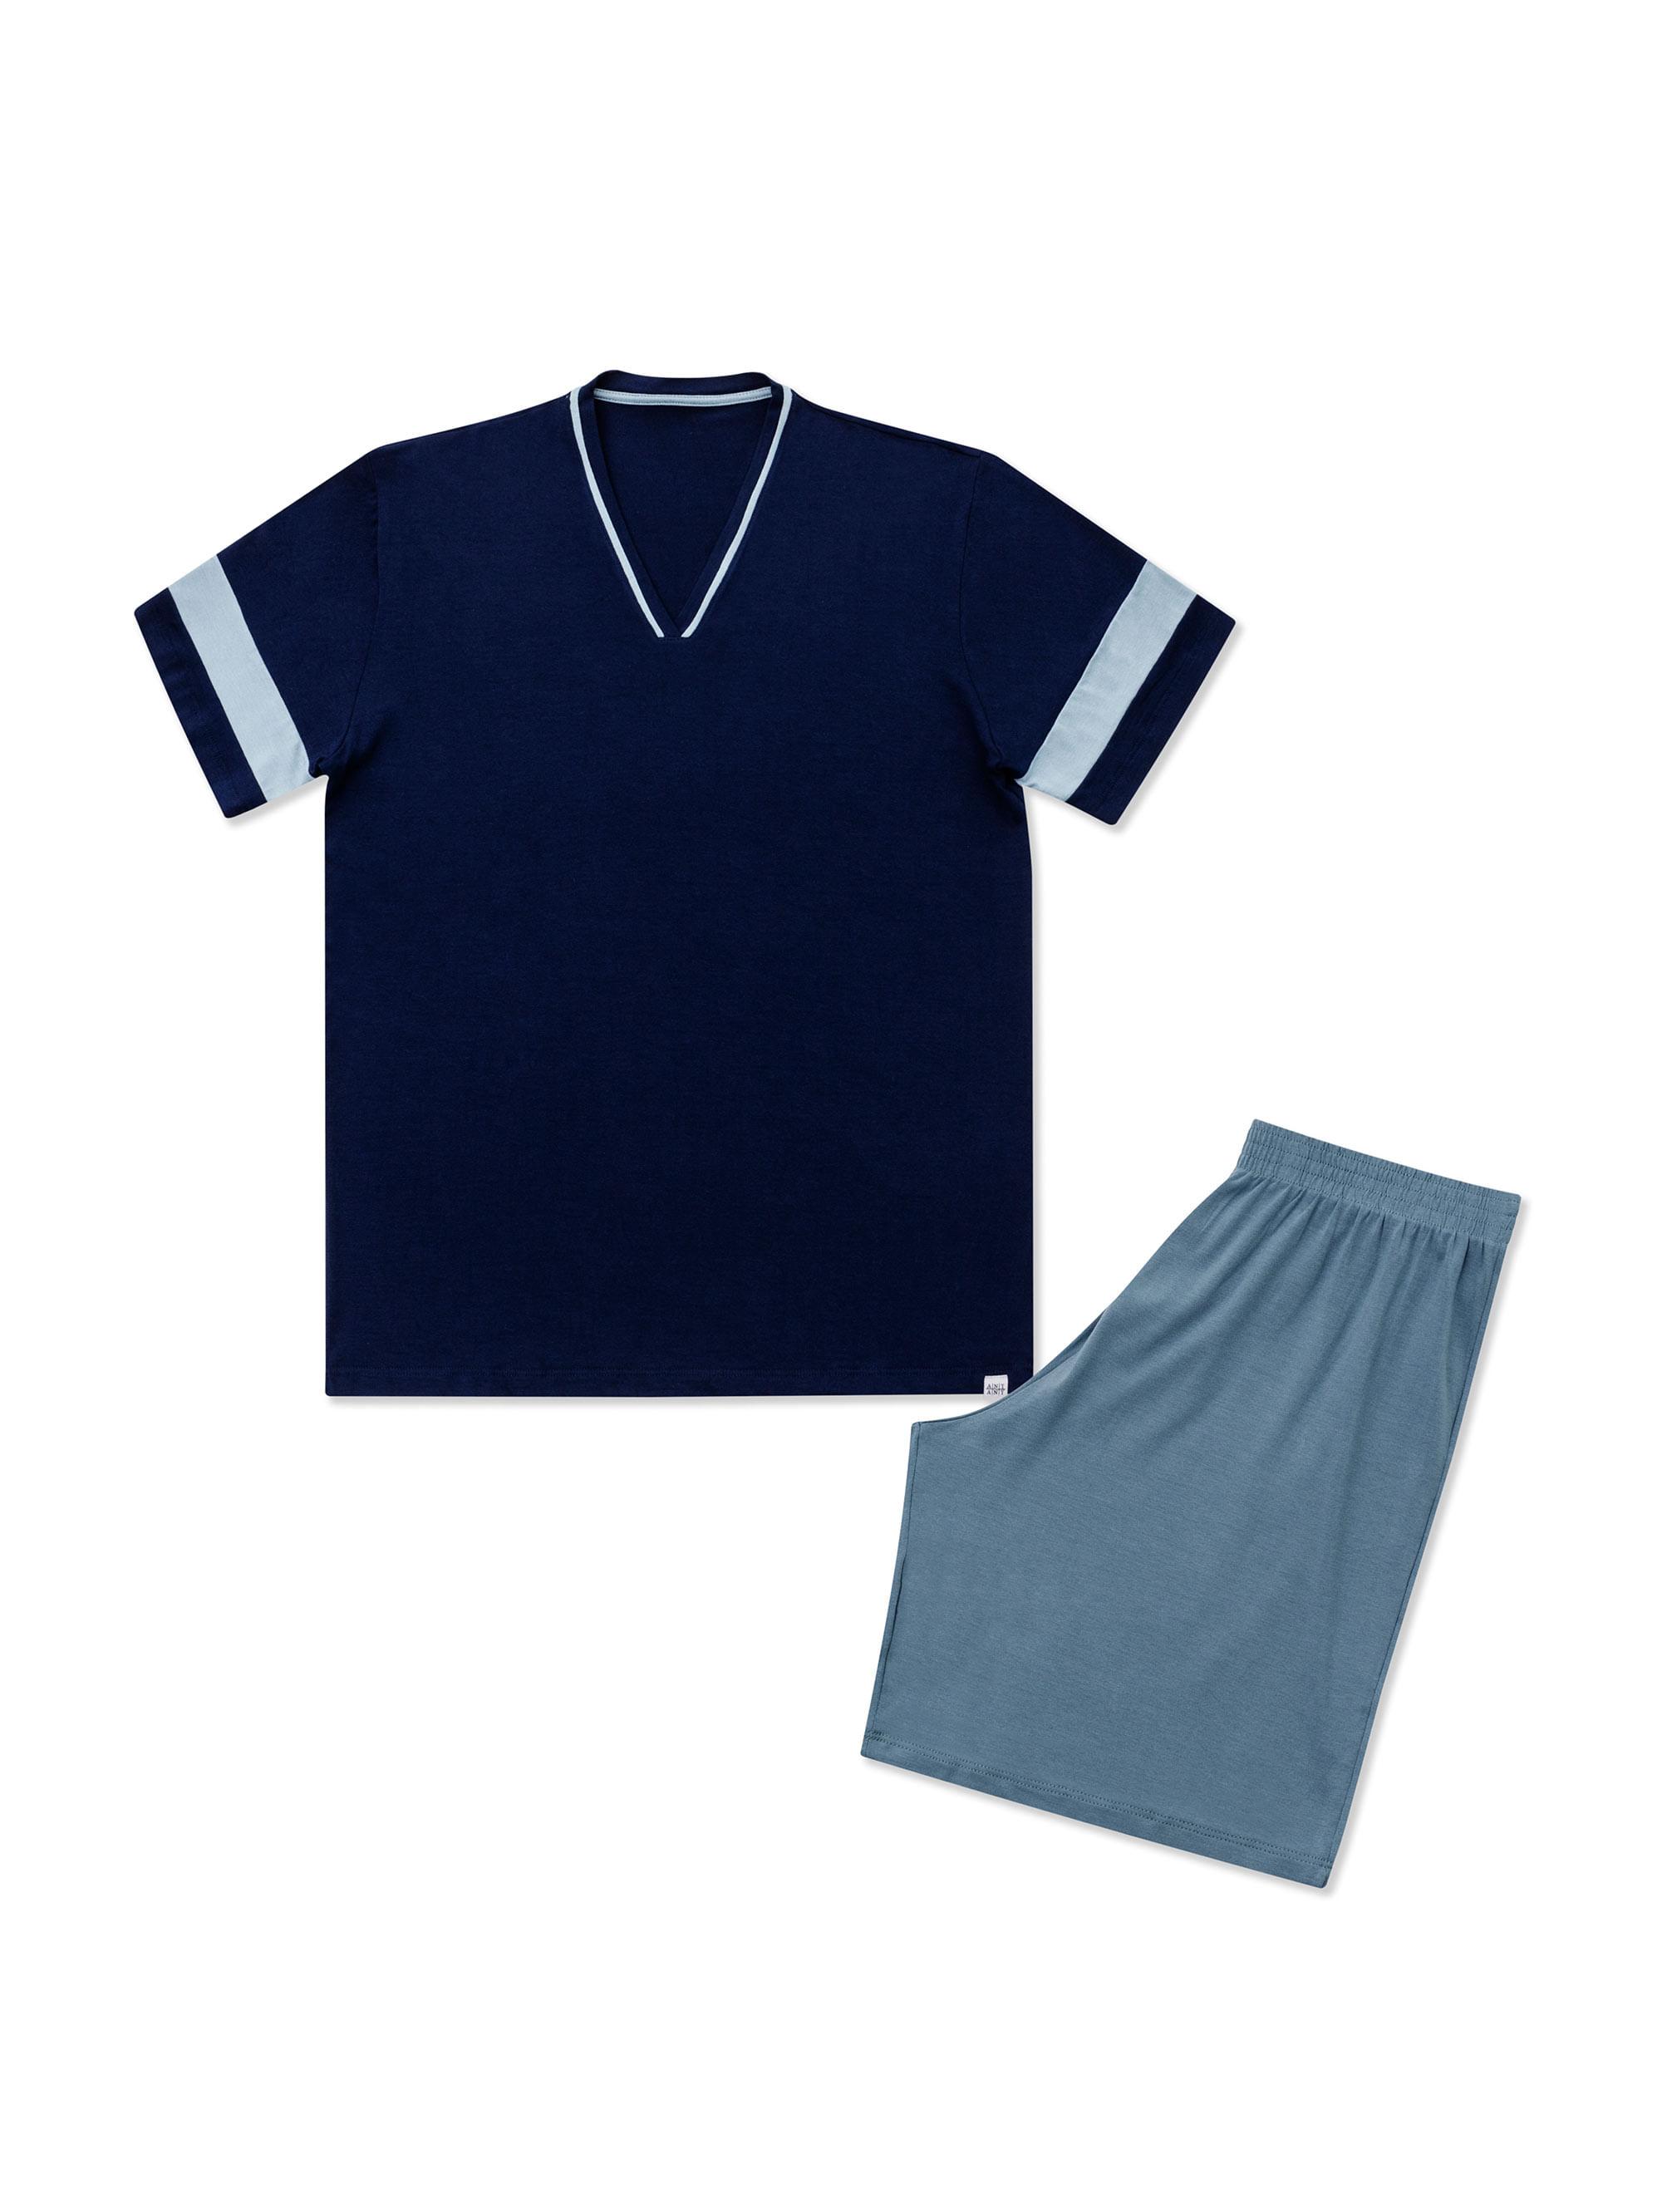 Pijama-Curto---Manga-Curta---M---Corveti---OUT--04.02.0774---verso